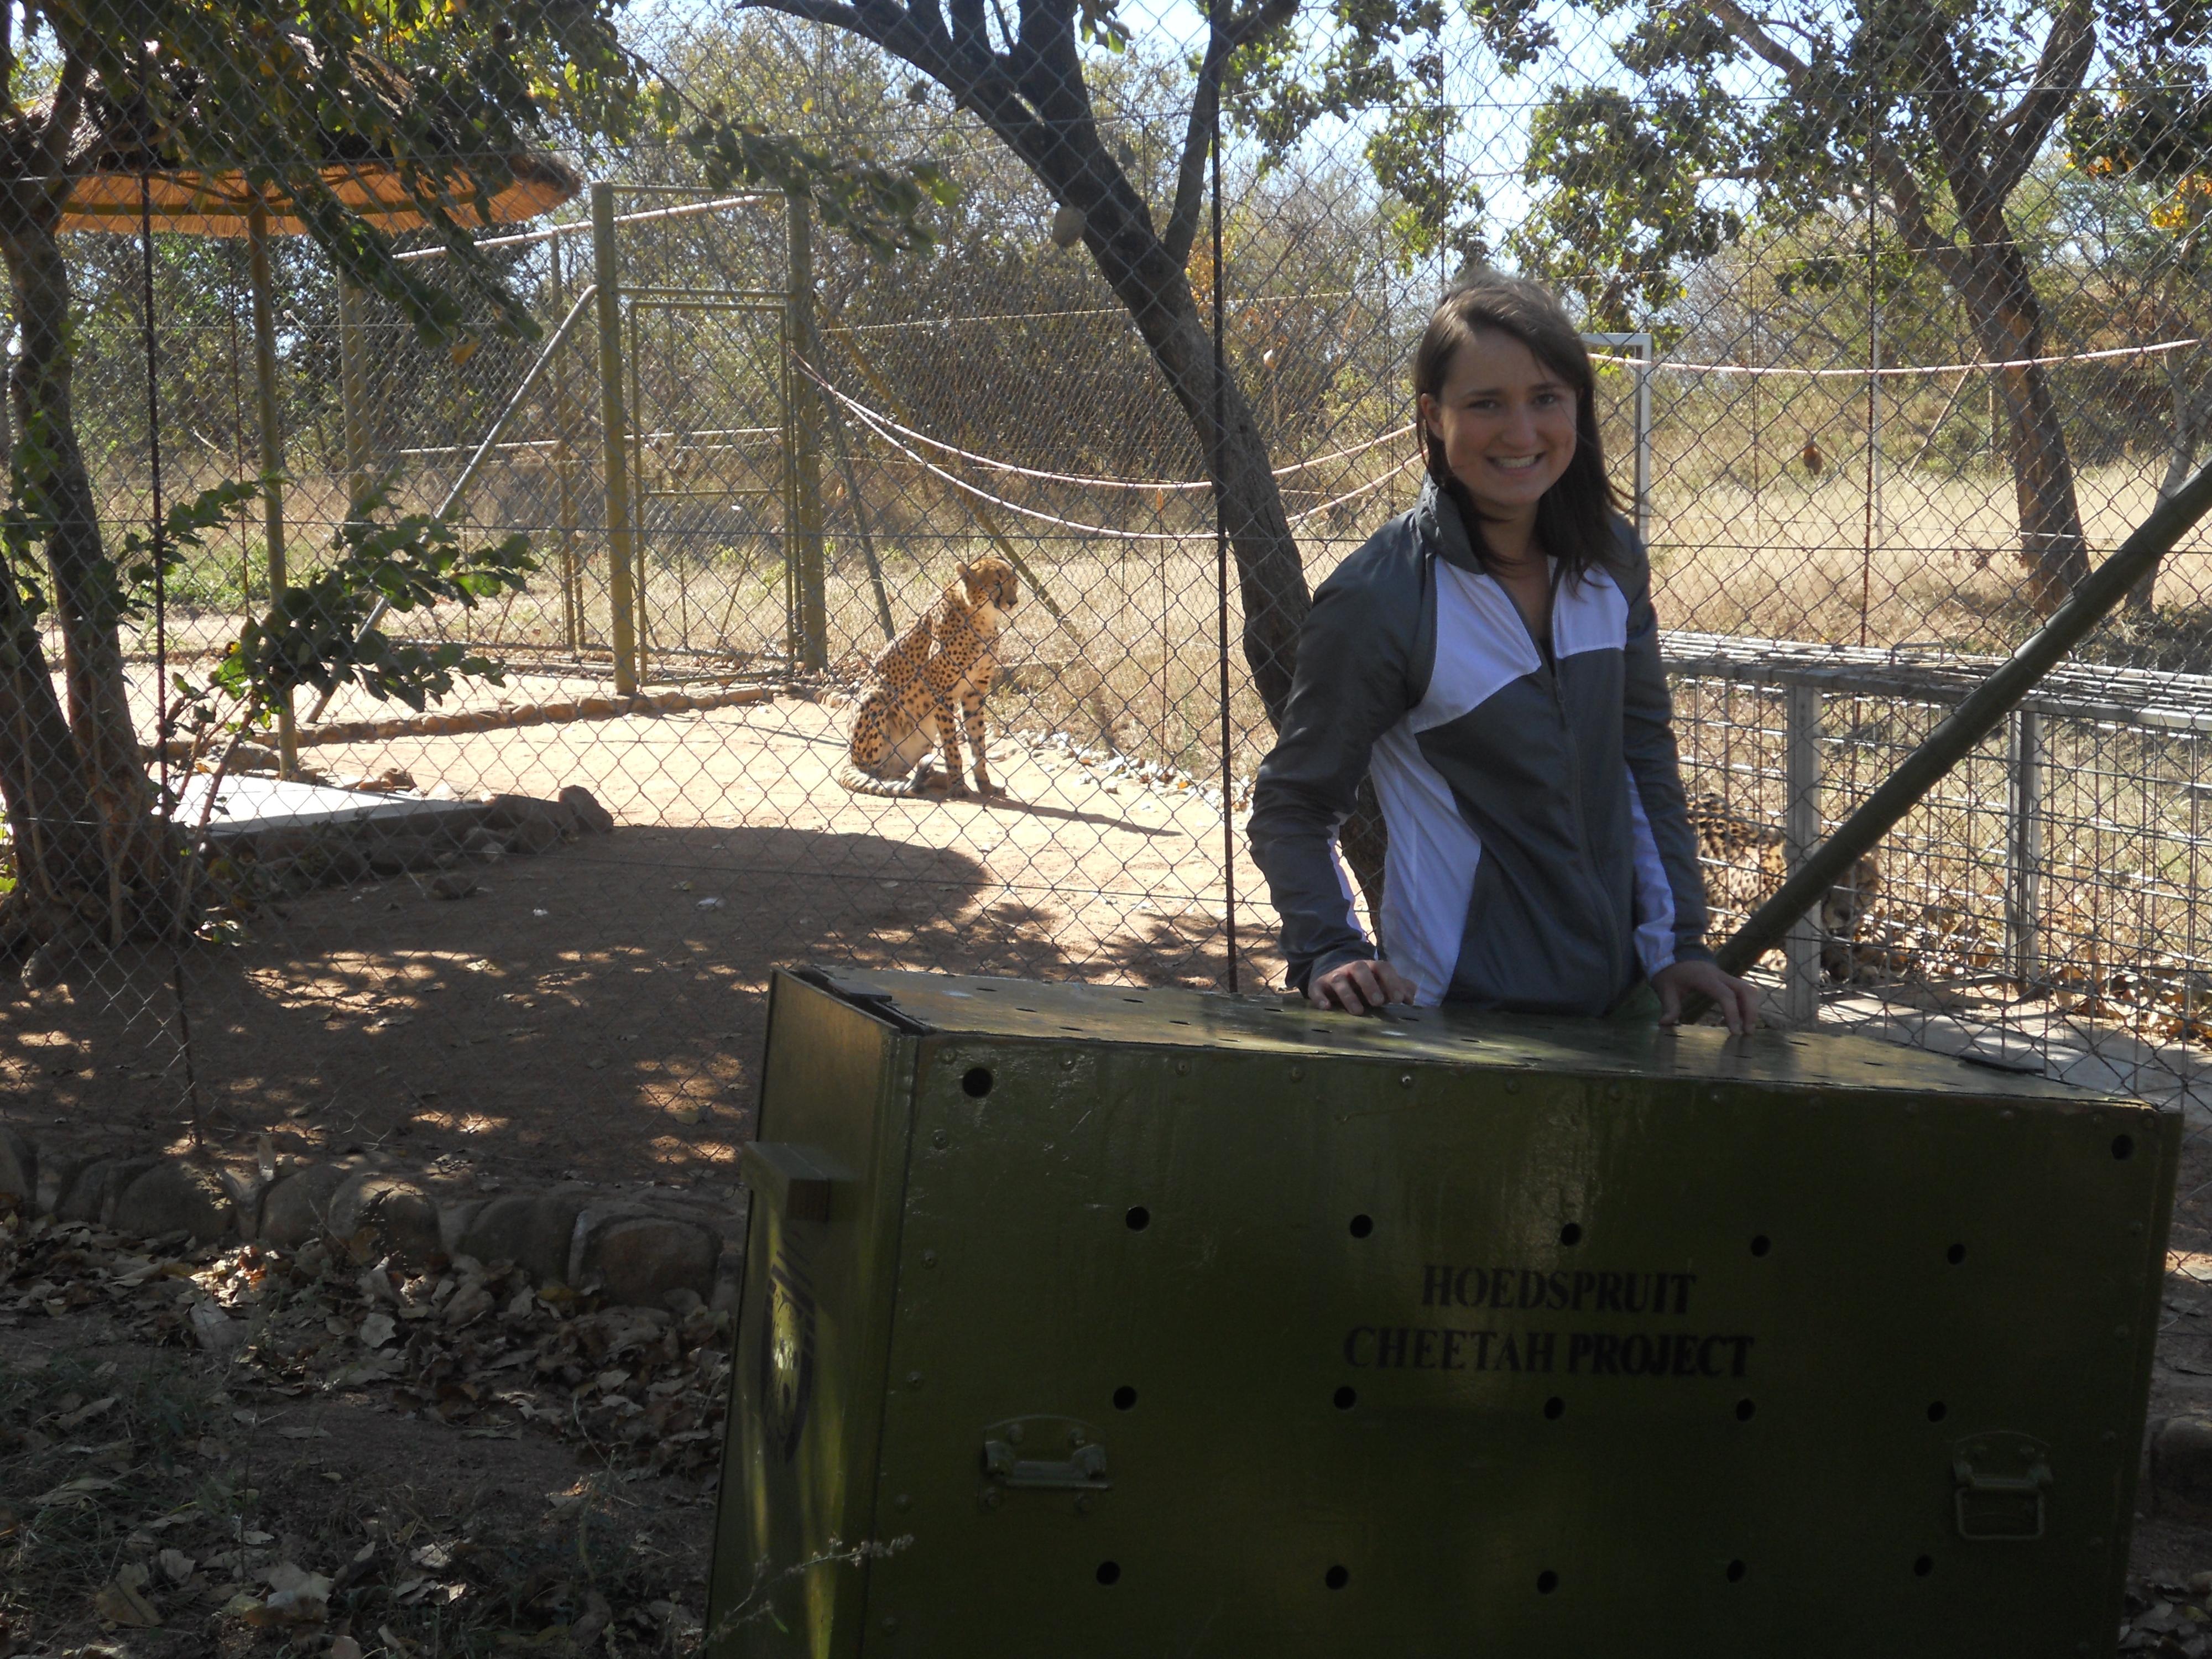 hoedspruit volunteer with cheetah